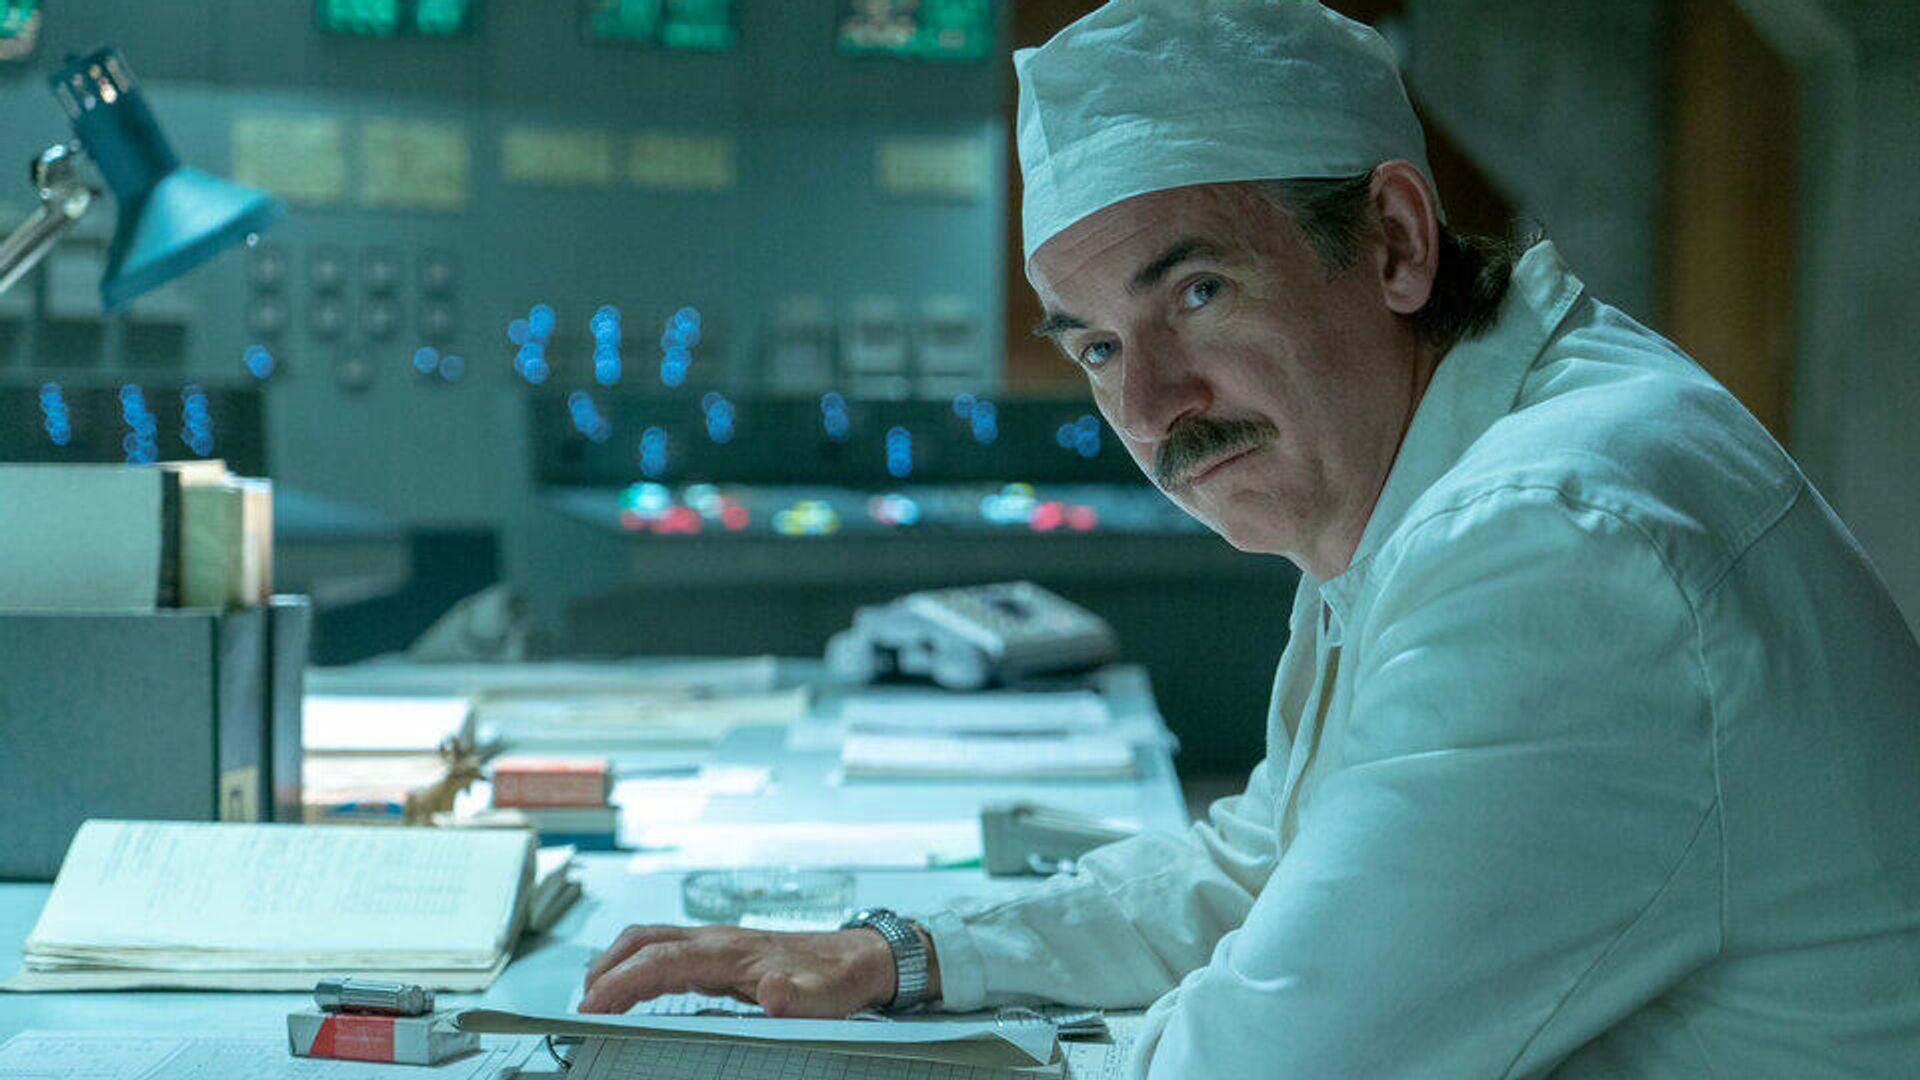 Пол Риттер в сериале Чернобыль - РИА Новости, 1920, 06.04.2021